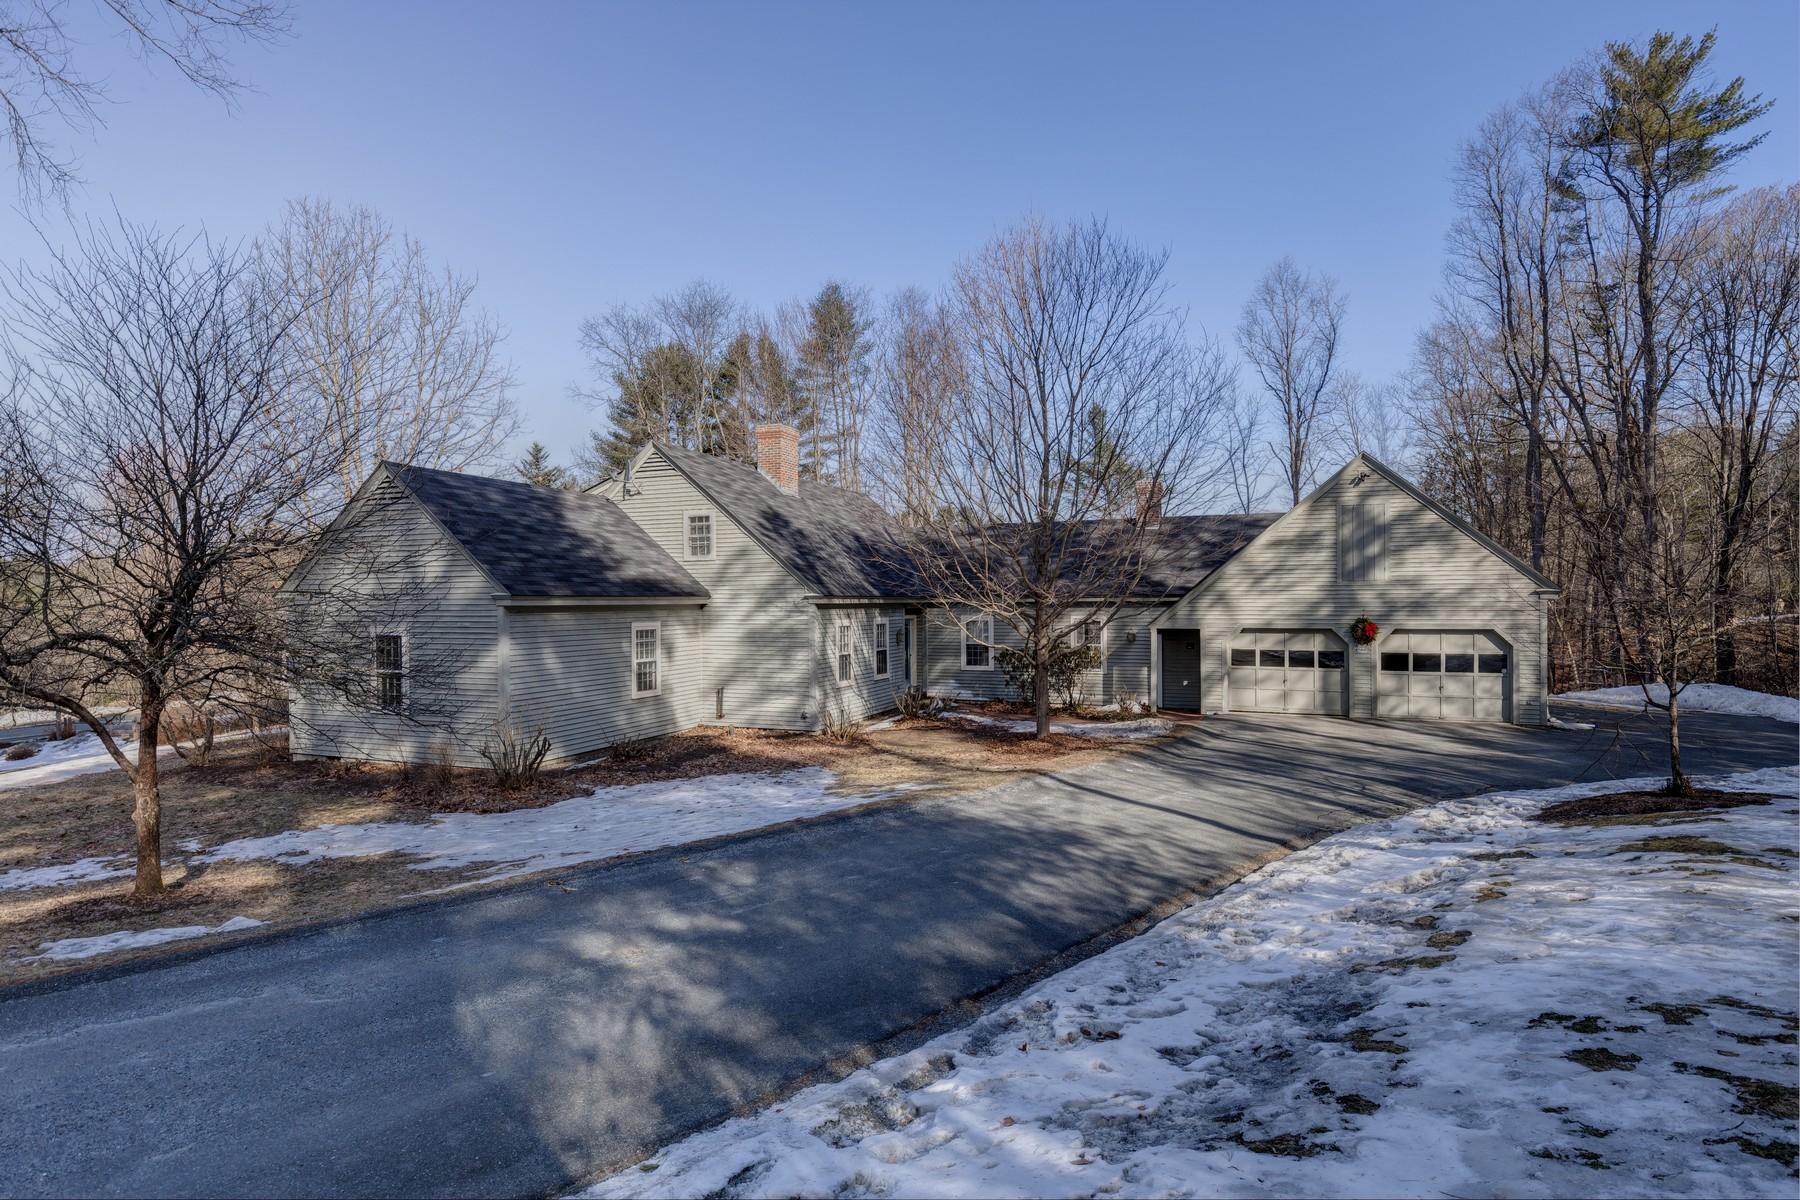 Maison unifamiliale pour l Vente à 1 Crestwood, Hanover Hanover, New Hampshire, 03755 États-Unis